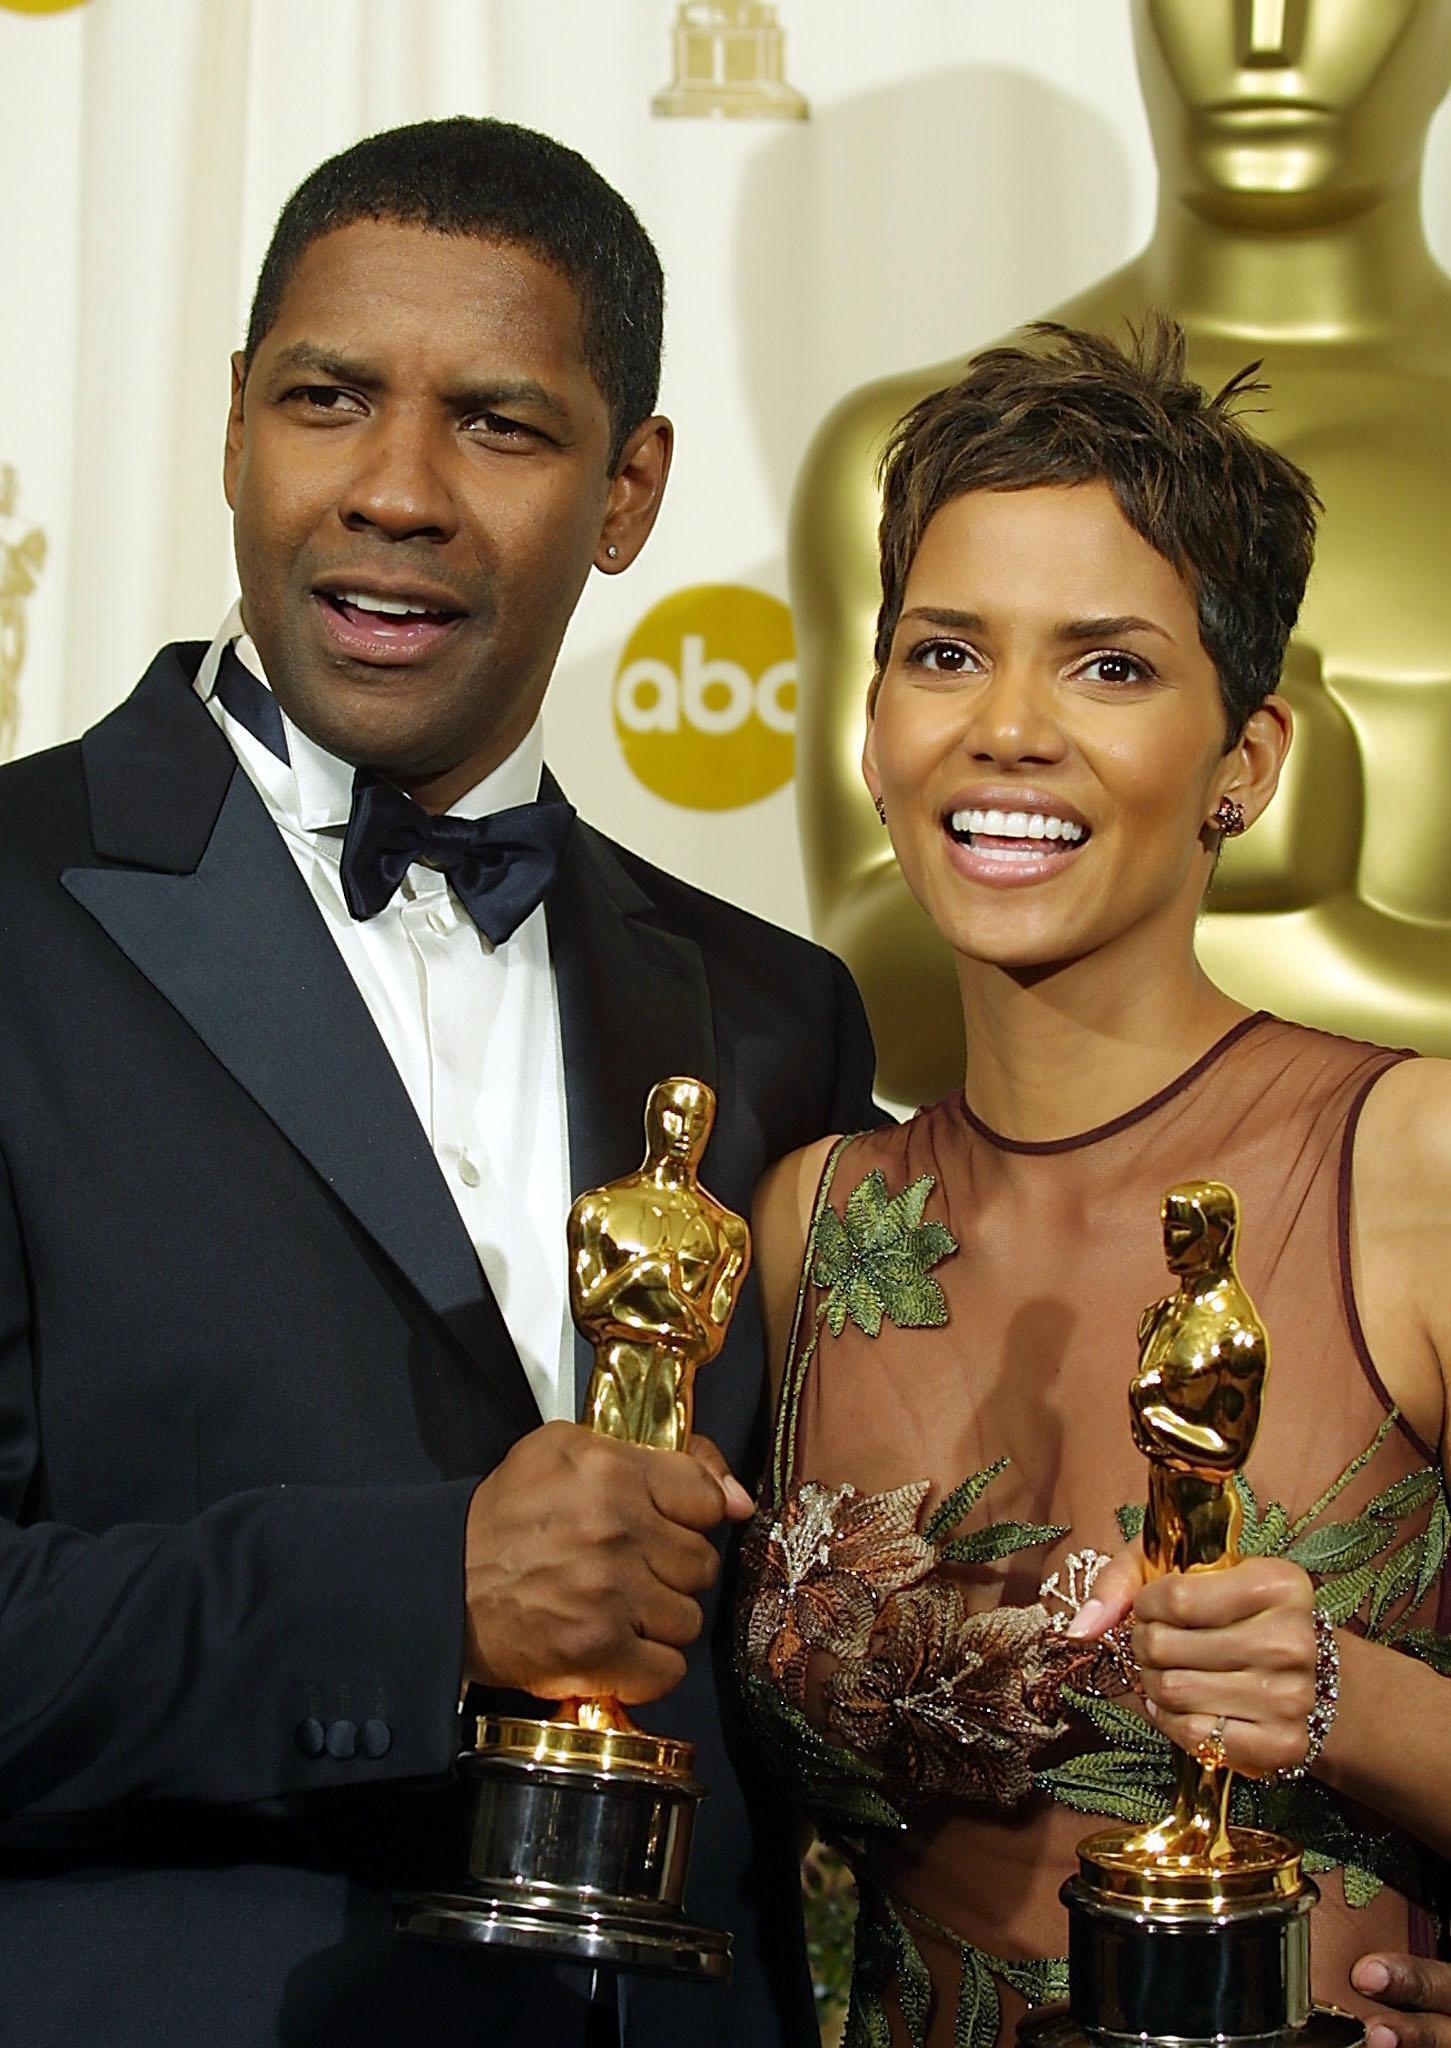 Denzel Washington («Training Day») et Halle Berry («À L'Ombre de la haine») avaient été récompensés chacun d'un Oscar en 2002.